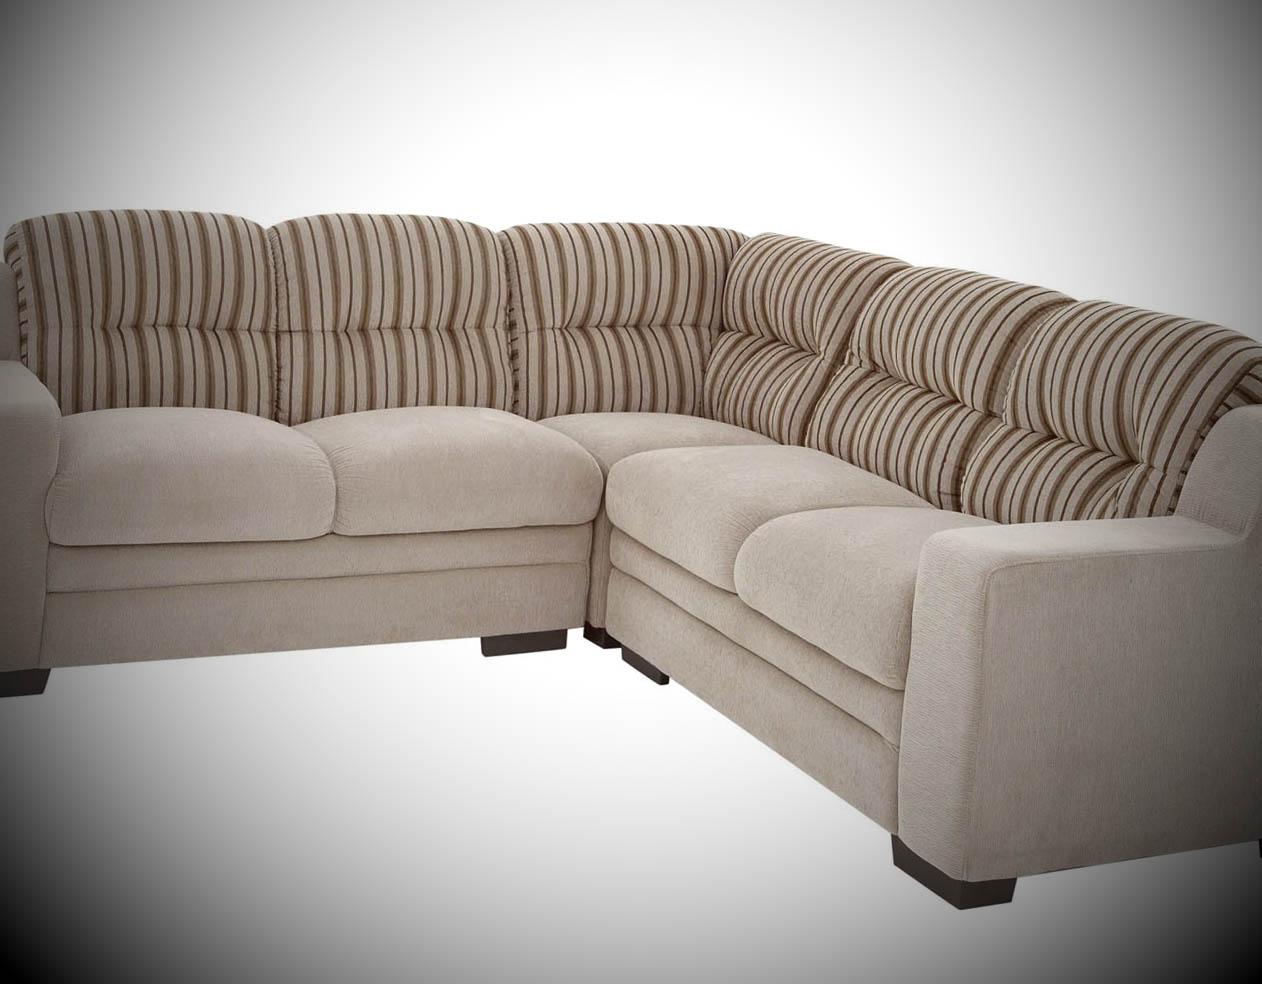 sofa de canto 2 lugares